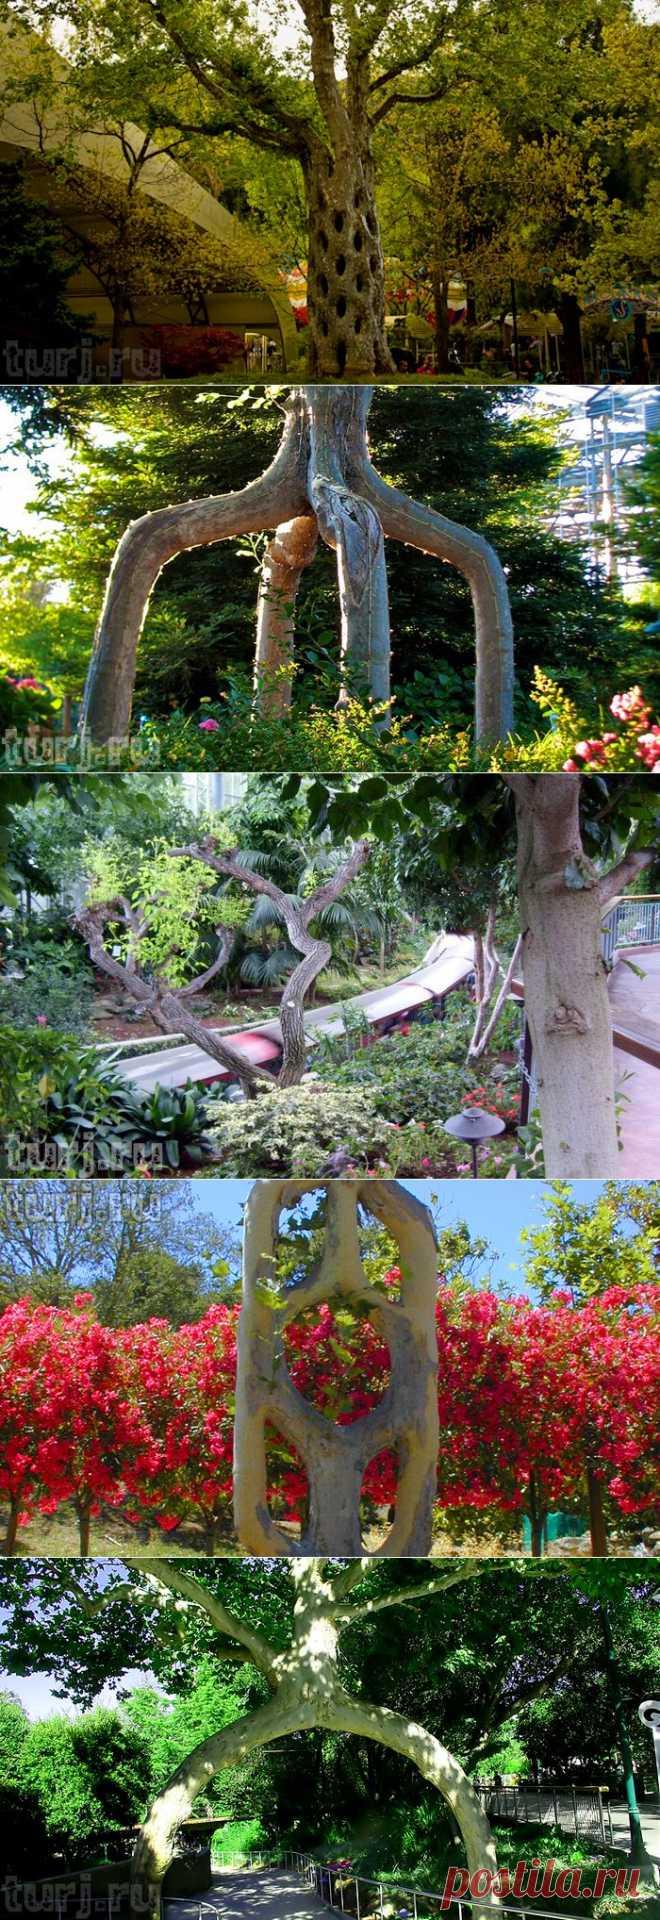 США, Калифорния: Древесный цирк Акселя Эрландсона или Можно ли завязать деревья в узел? / Мировые Достопримечательности / Мировые достопримечательности. Фото достопримечательностей, идеи для путешествий. Туристический журнал.